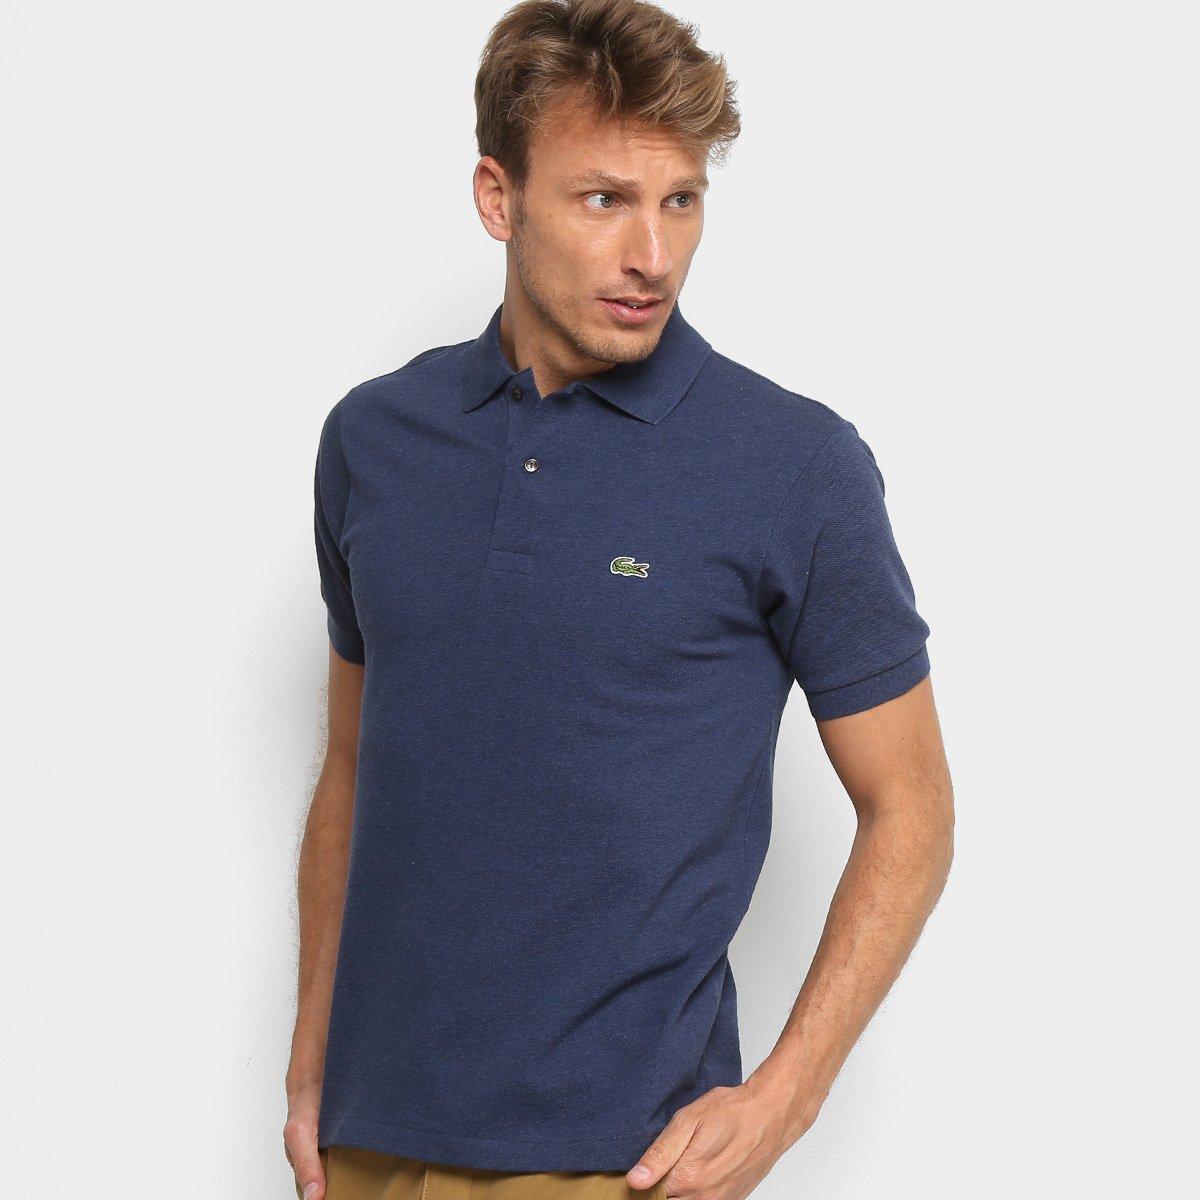 Camisa Polo Lacoste Mescla Masculina   Livelo -Sua Vida com Mais ... de455f7f60